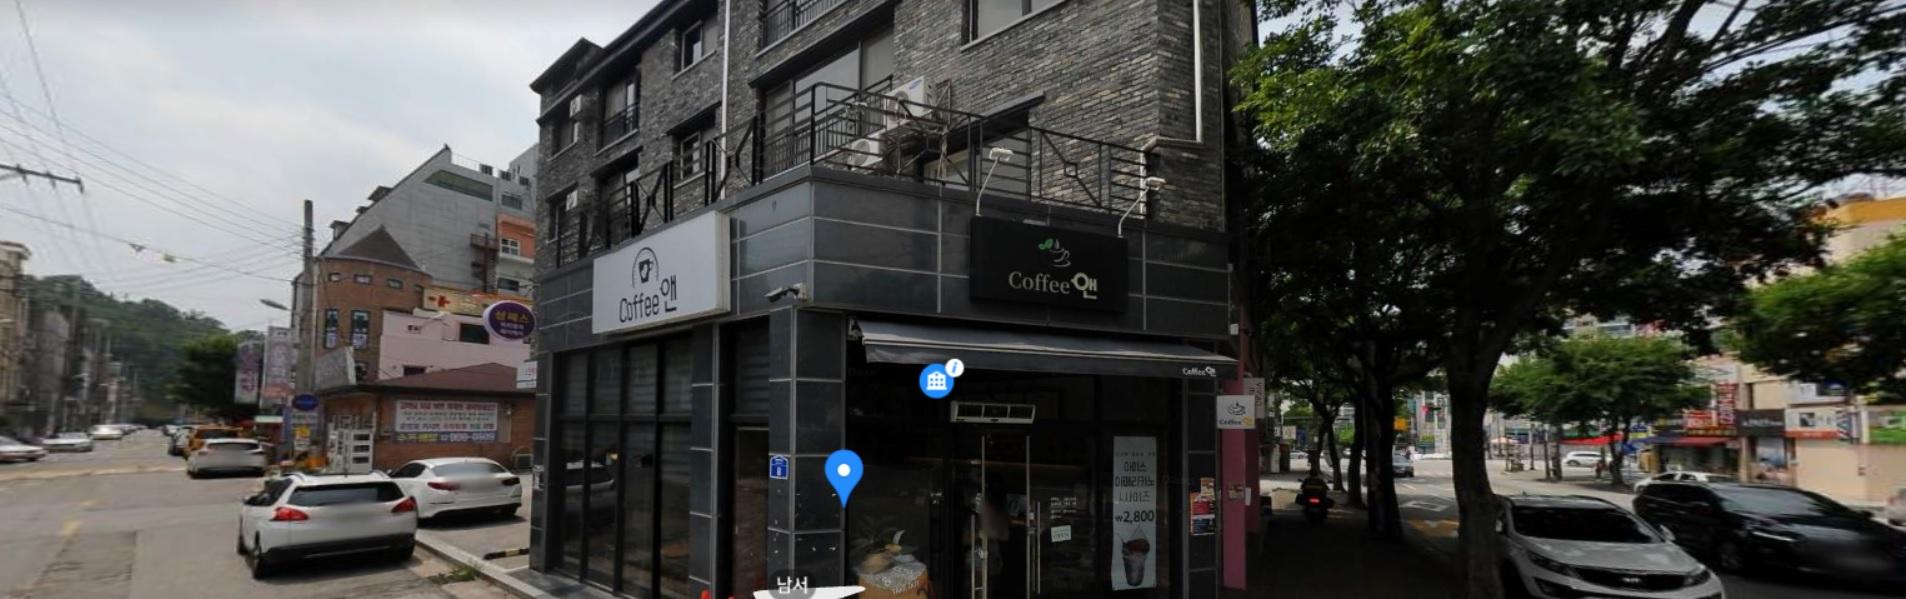 컴포즈 커피숍 아중점.jpg